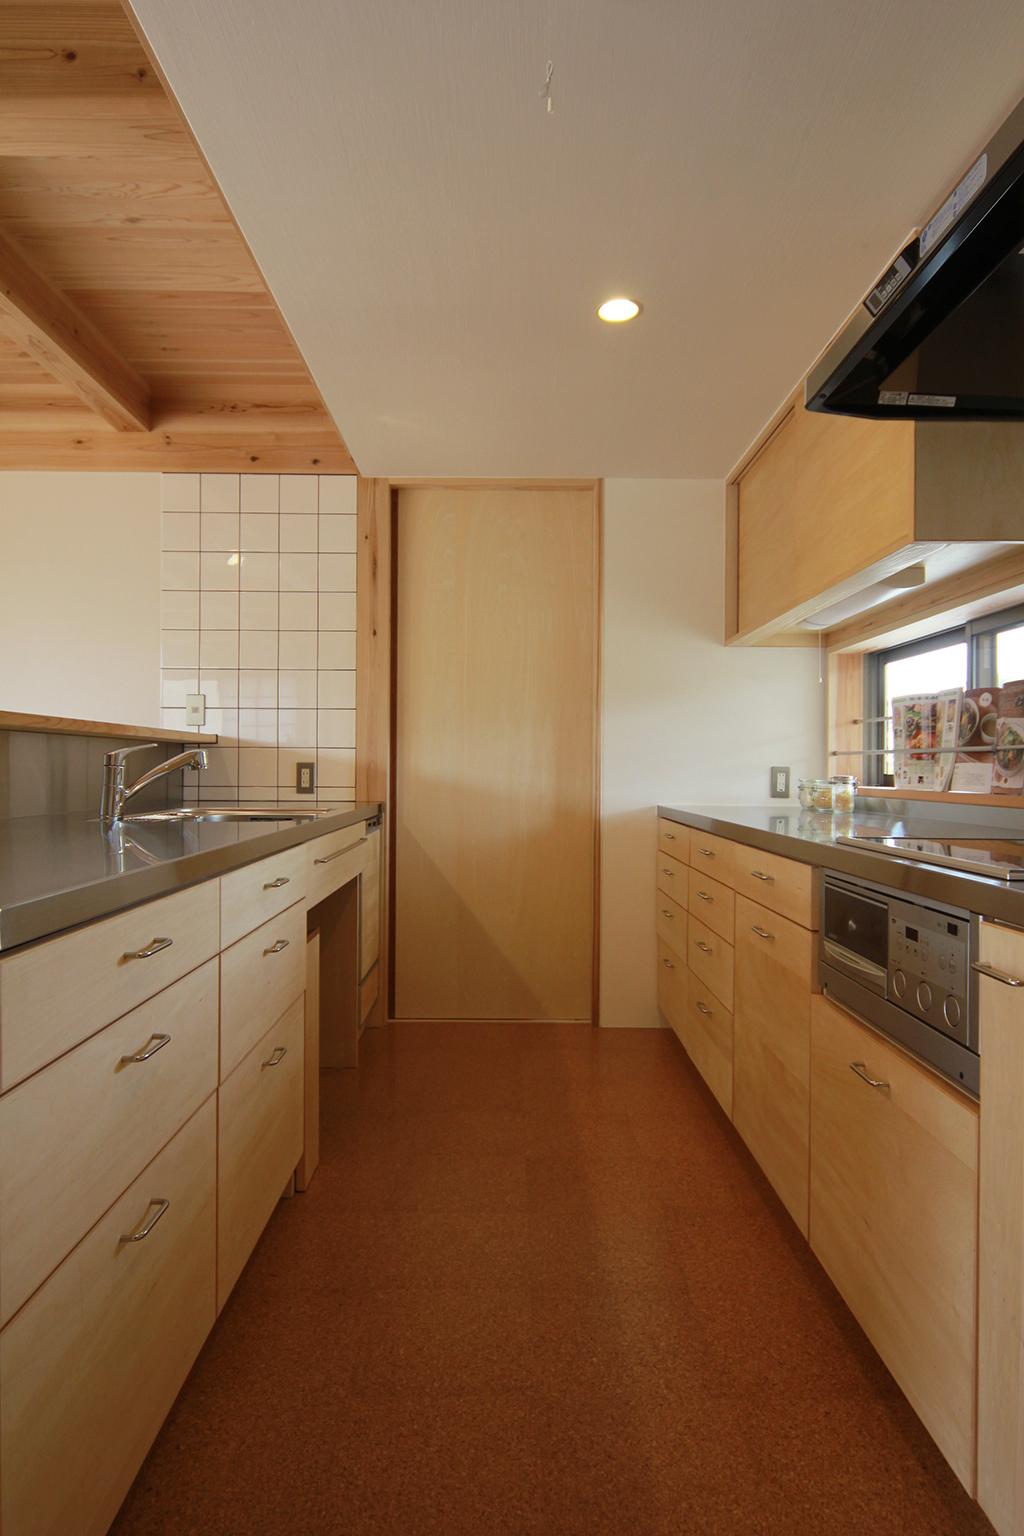 姫路市の木の家 大容量の収納のあるオリジナルキッチン